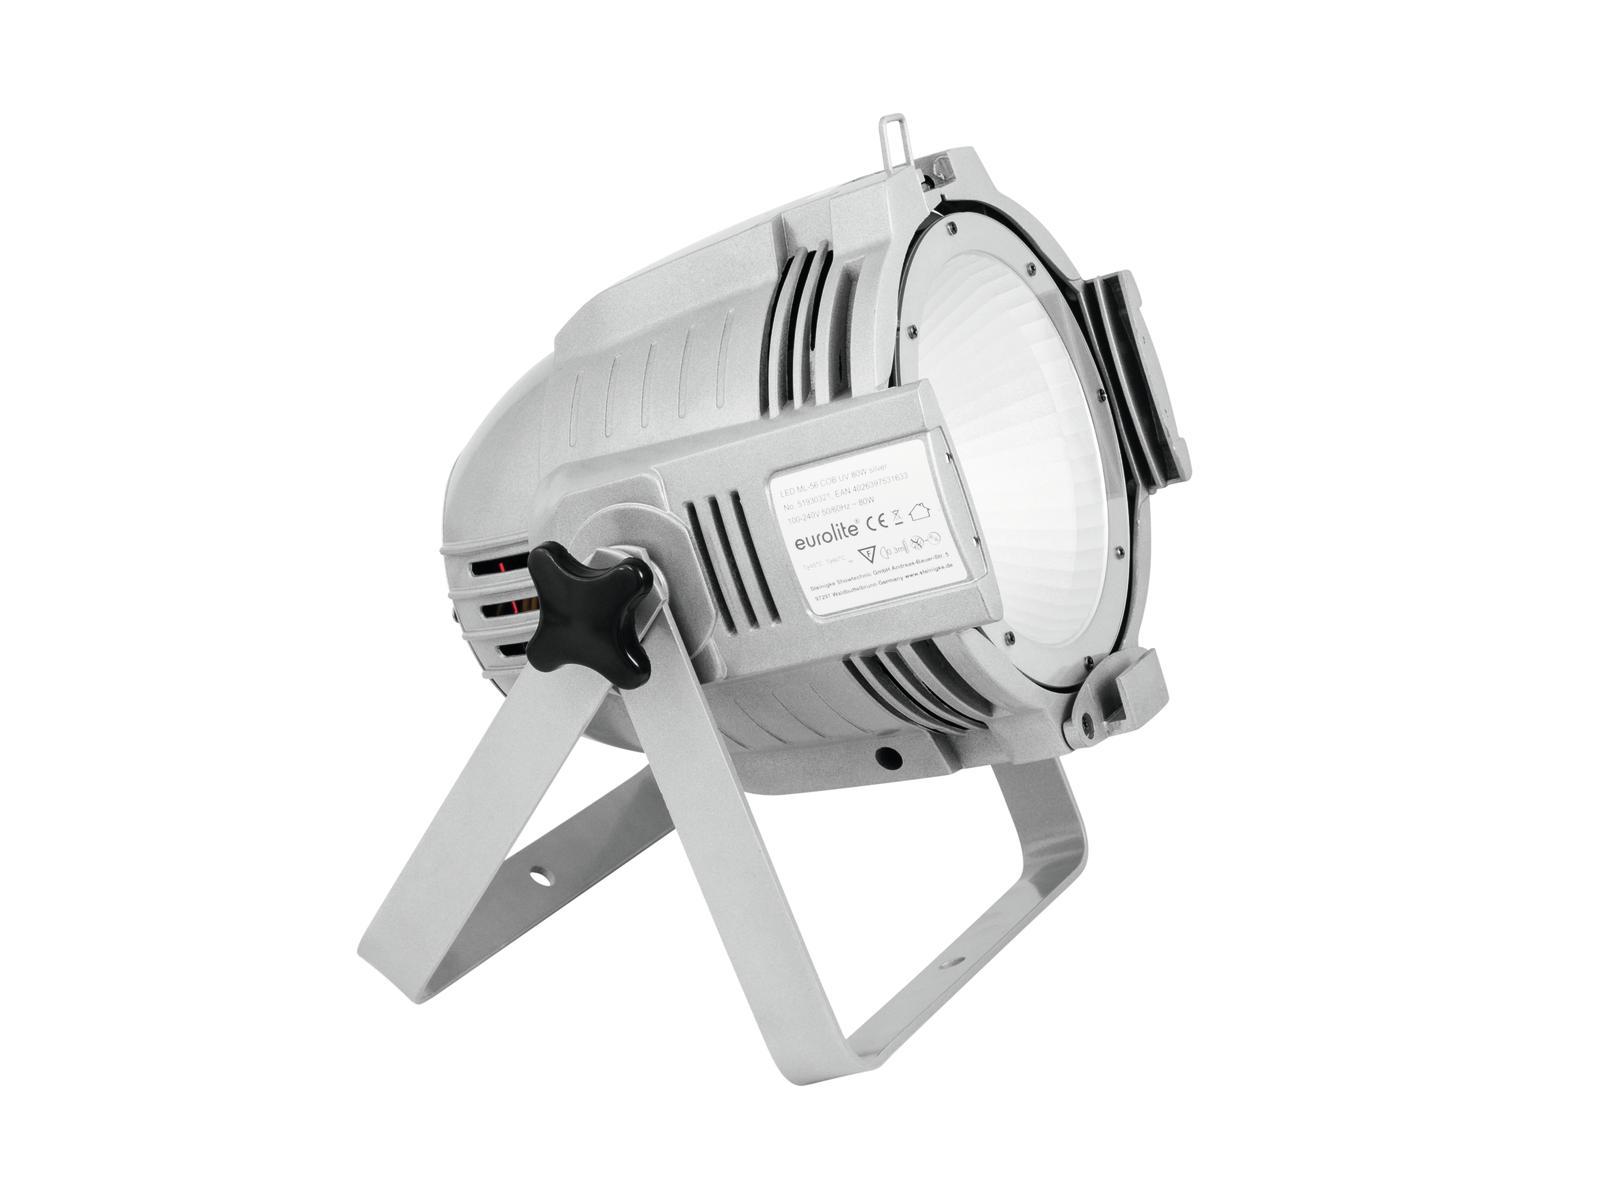 EUROLITE LED ML-56 COB UV 80W Piano sil